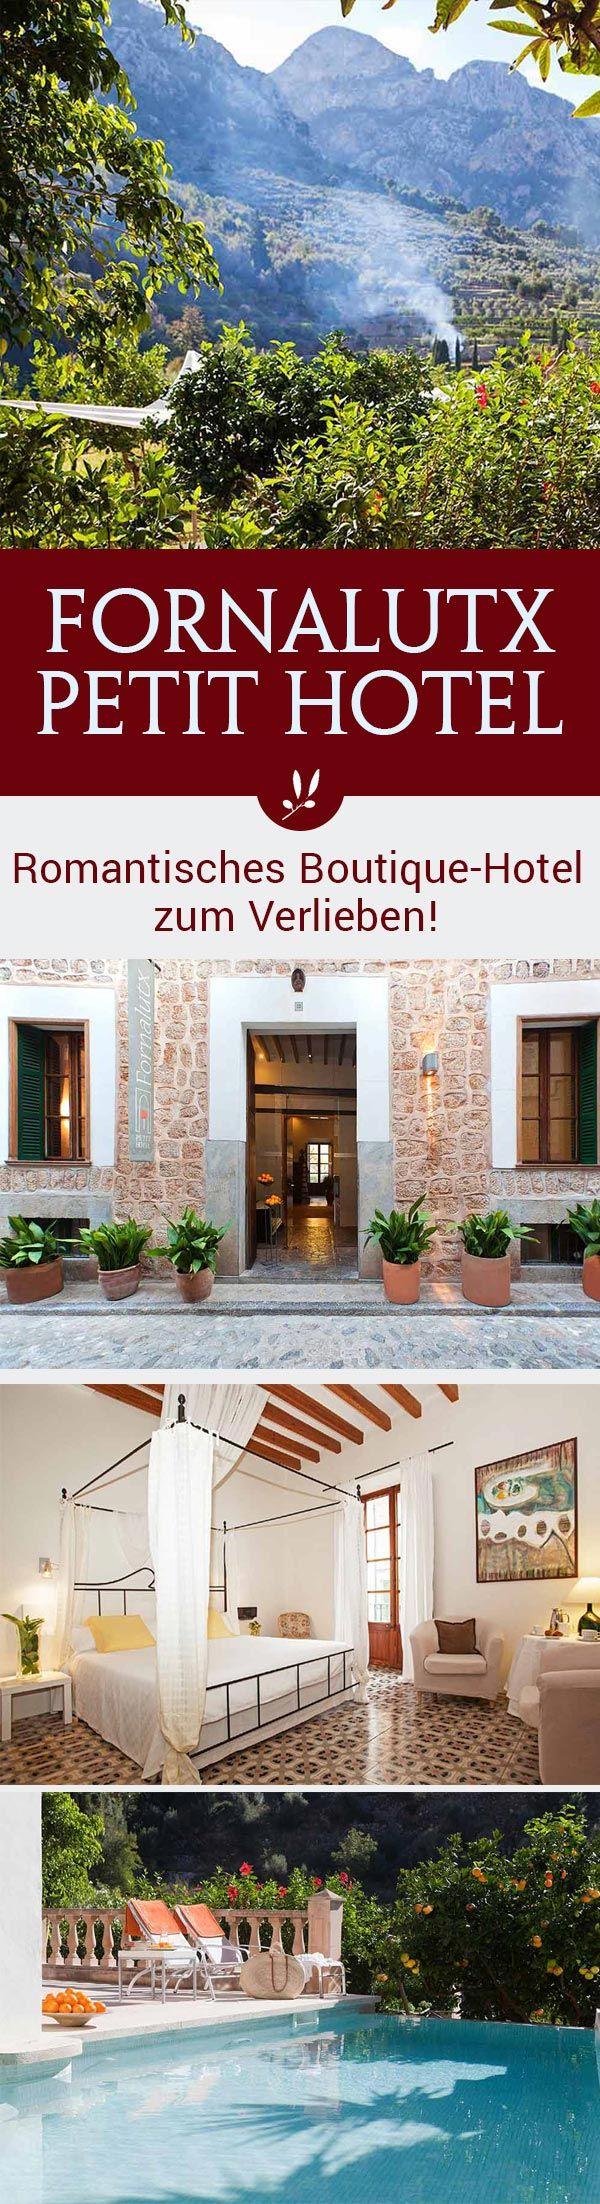 In einem der schönsten Dörfer der Insel, in Fornalutx, im Herzen des Tramuntanagebirges auf Mallorca, befindet sich das Petit Hotel Fornalutx. Als ehemaliges Nonnenkloster ist das Petit Hotel Fornalutx ein Aushängeschild der mallorquinischen Architektur. Bis 1999 diente das heutige Hotel als Dorfschule.